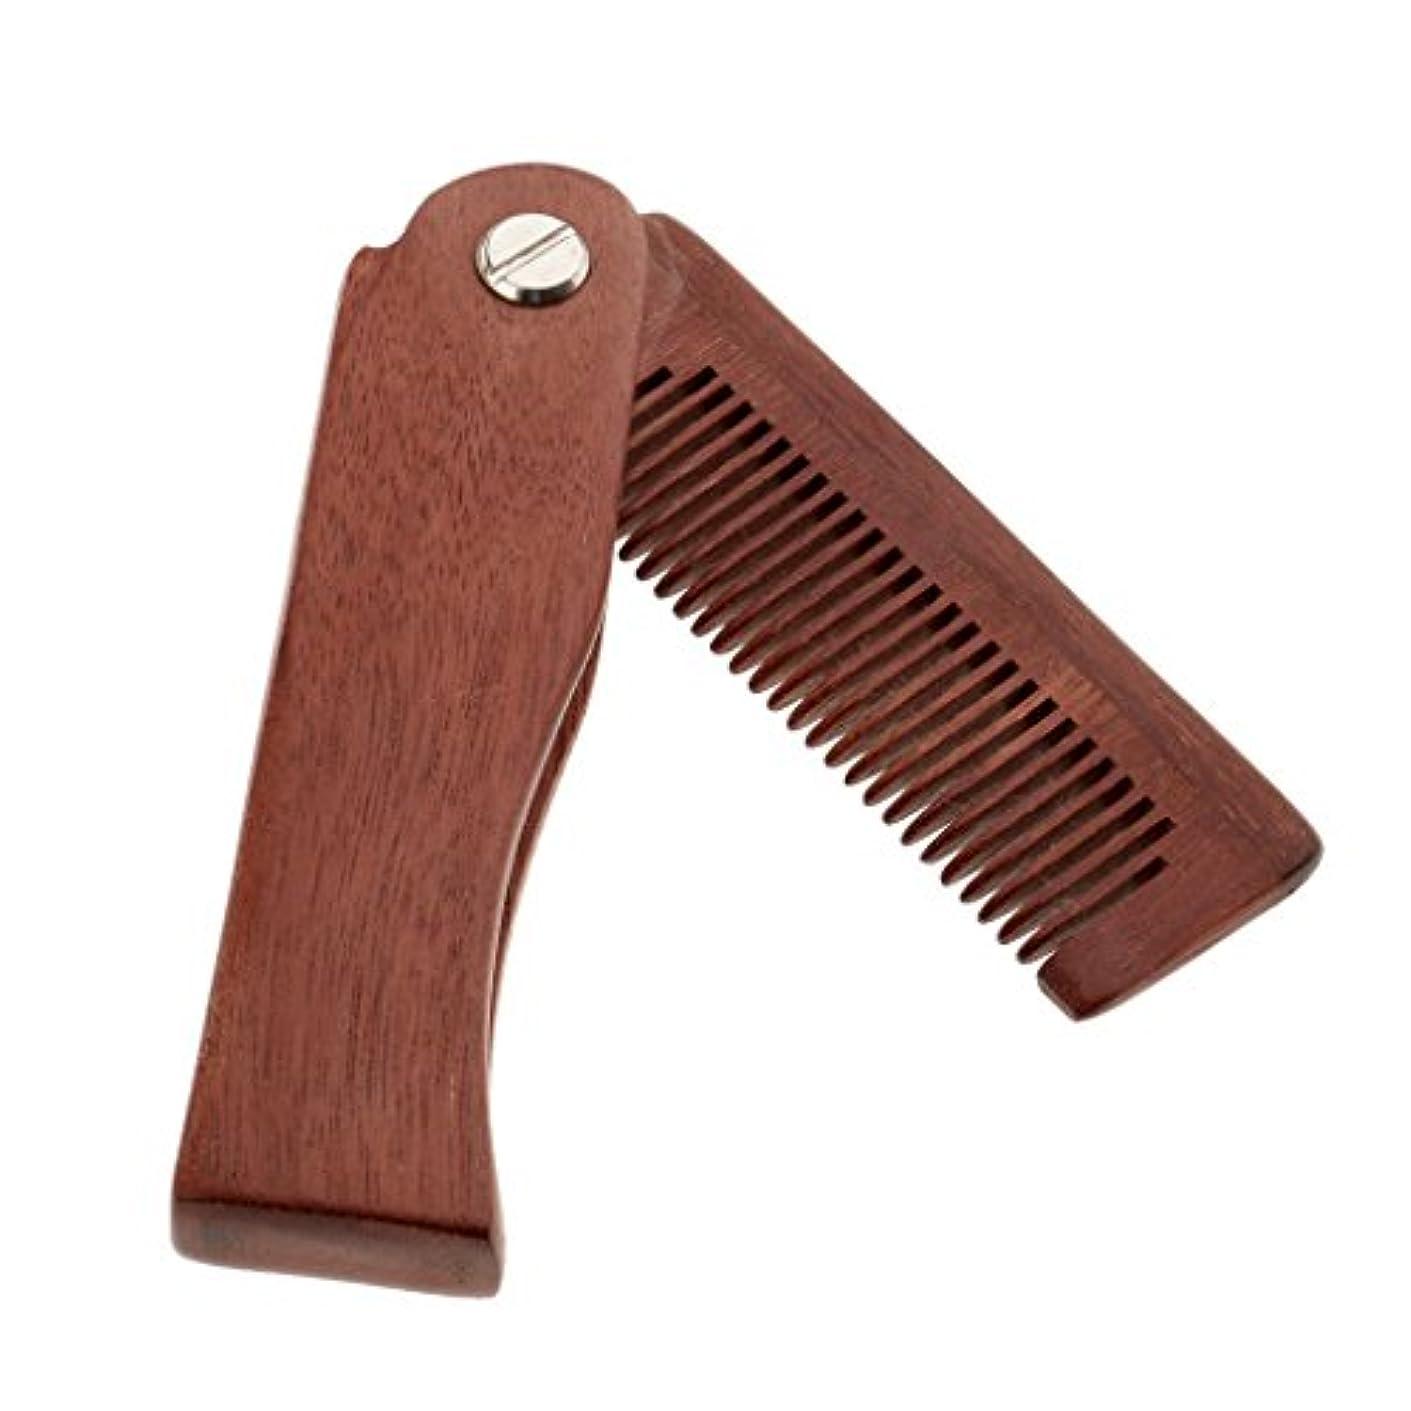 類推電気のアミューズひげ剃り櫛 コーム 木製櫛 折りたたみ メンズ 毛ひげの櫛